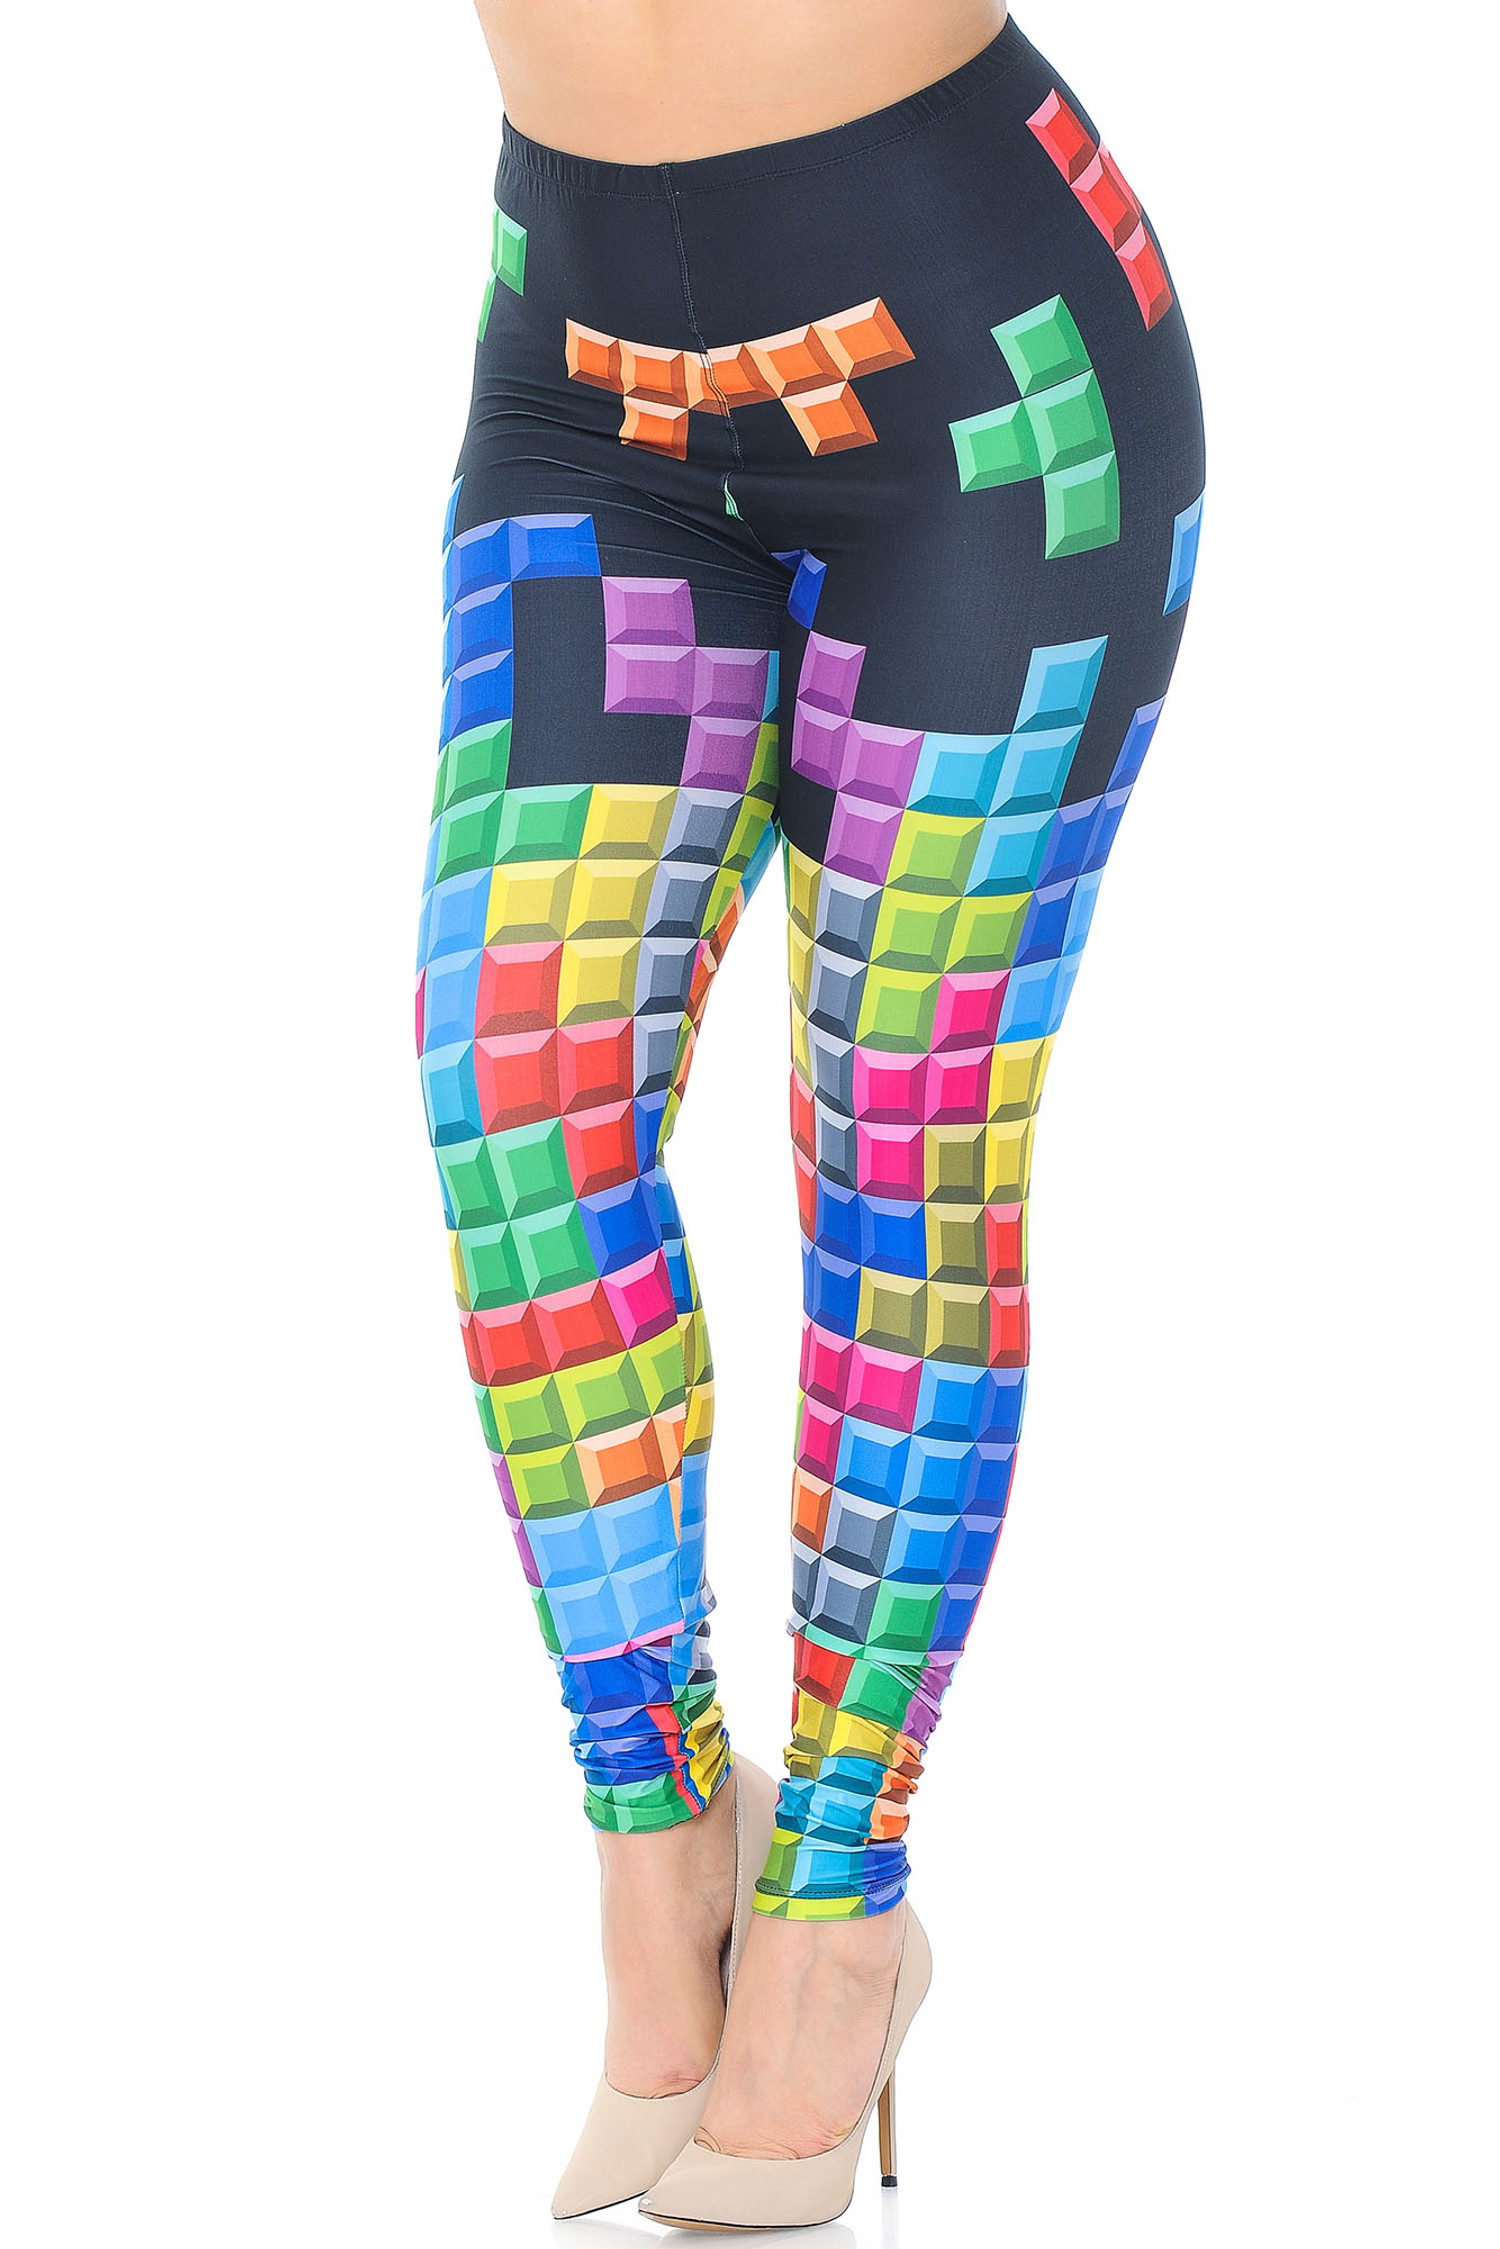 Creamy Soft Tetris Extra Plus Size Leggings - 3X-5X - USA Fashion™